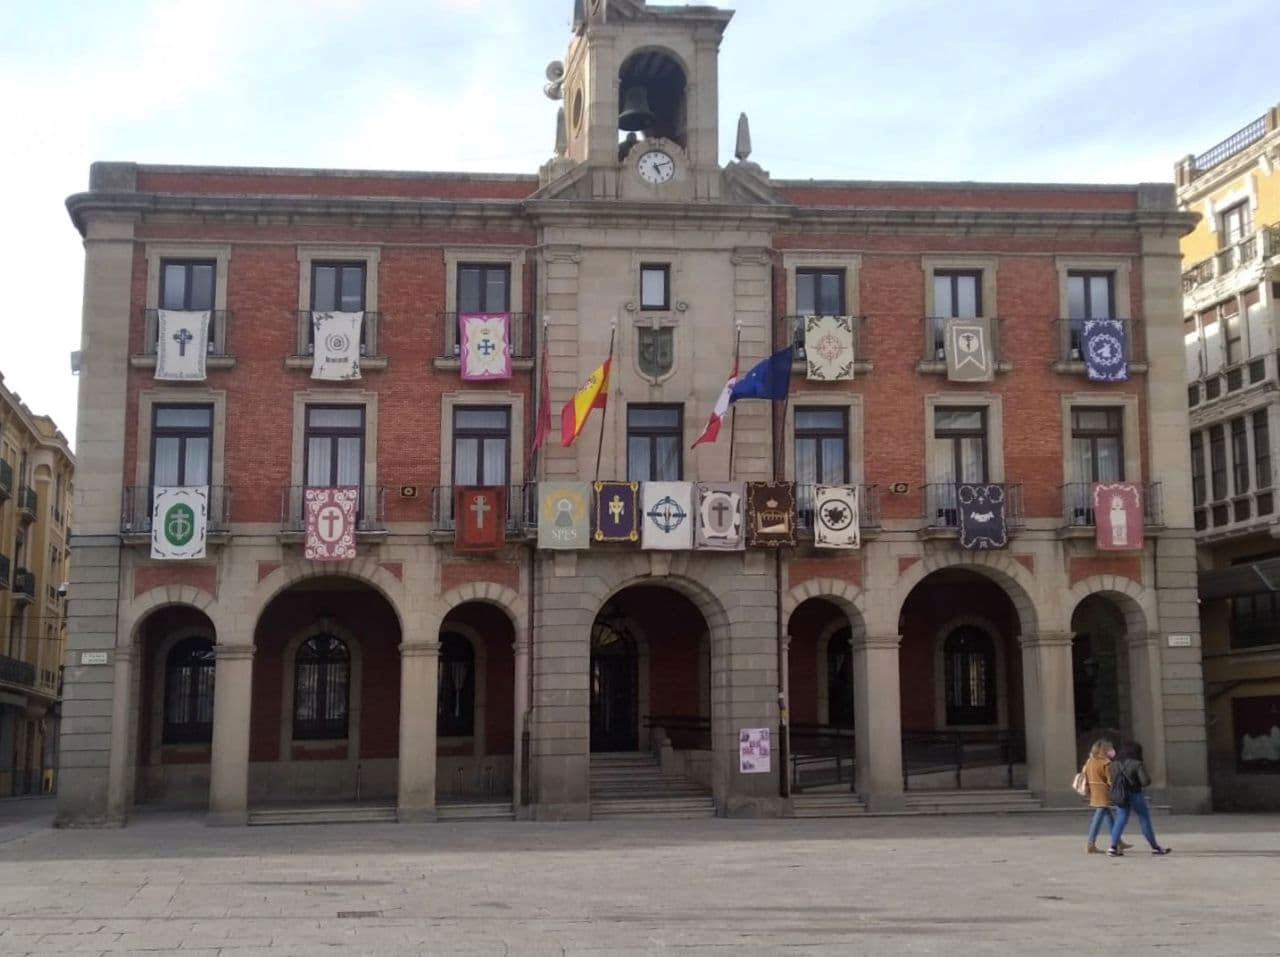 Reposteros en el Ayuntamiento de Zamora. Semana Santa 2021.